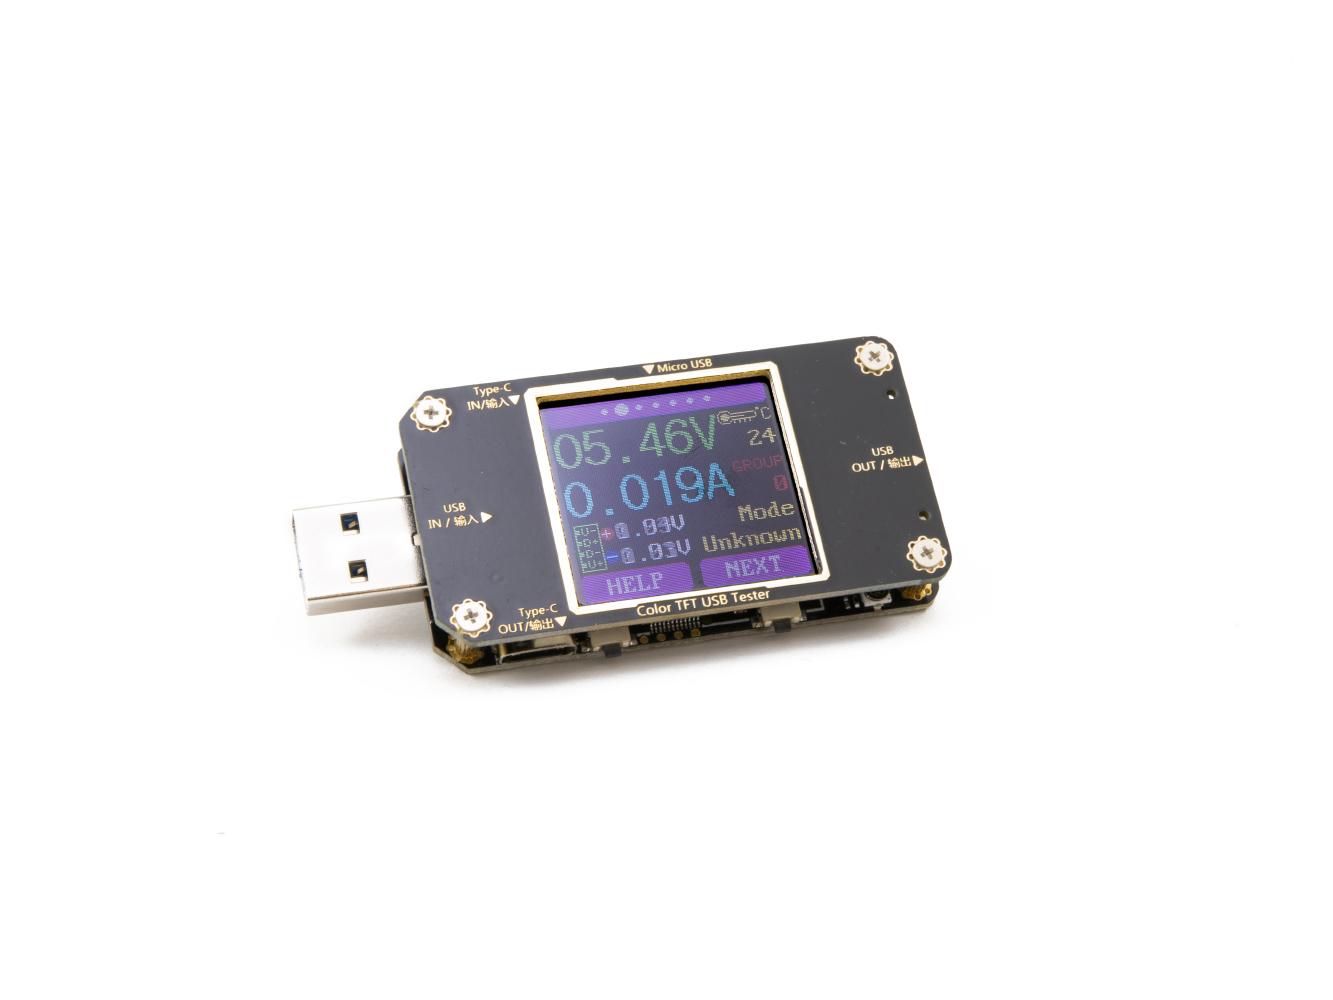 Profesionální USB multimetr s barevným LCD, PC software, bluetooth